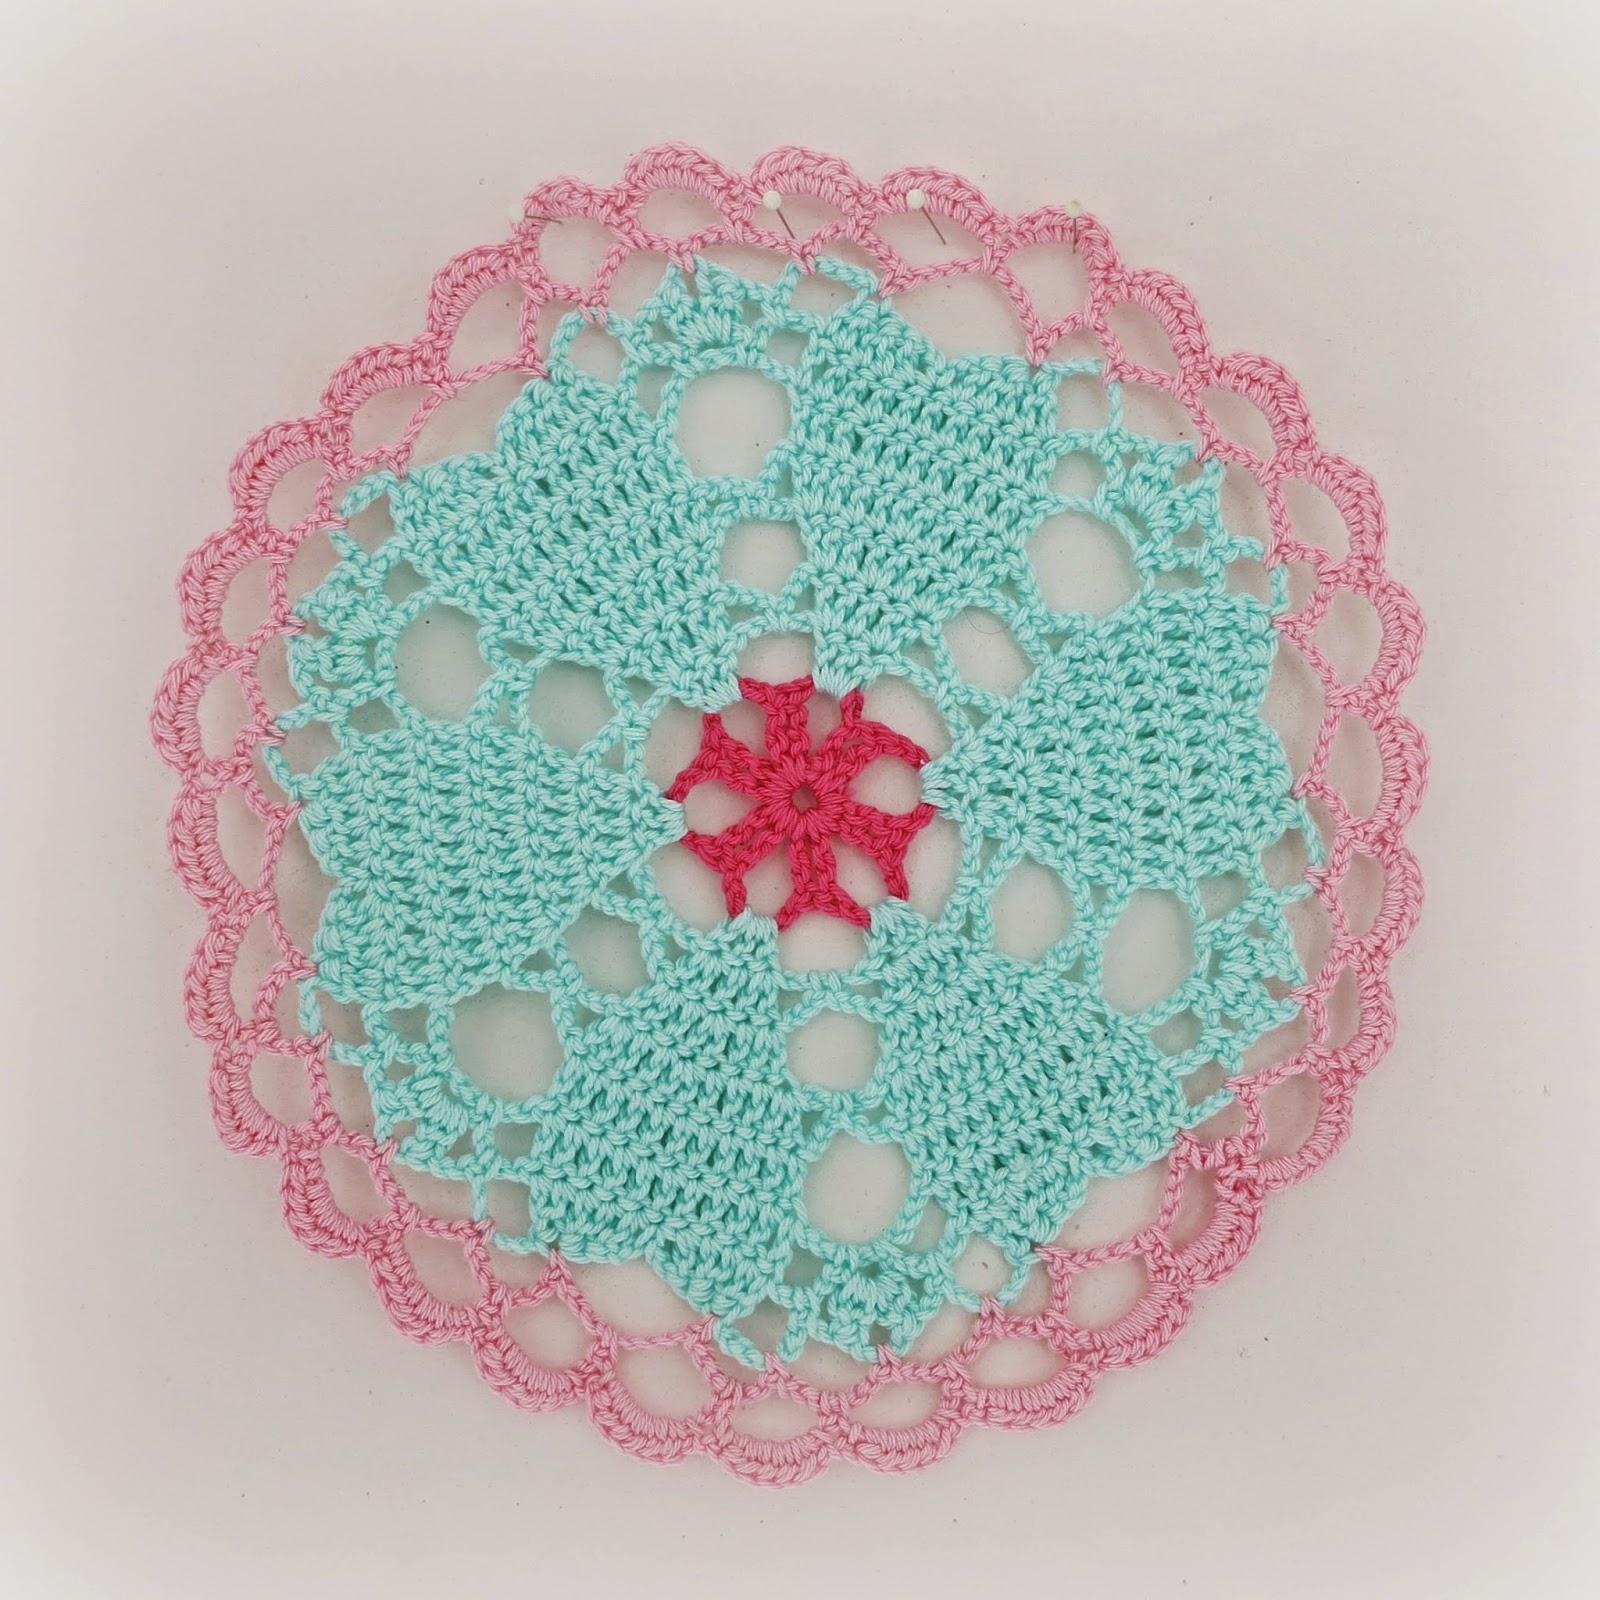 ByHaafner, crochet, doily, pastel, Japanese crochet